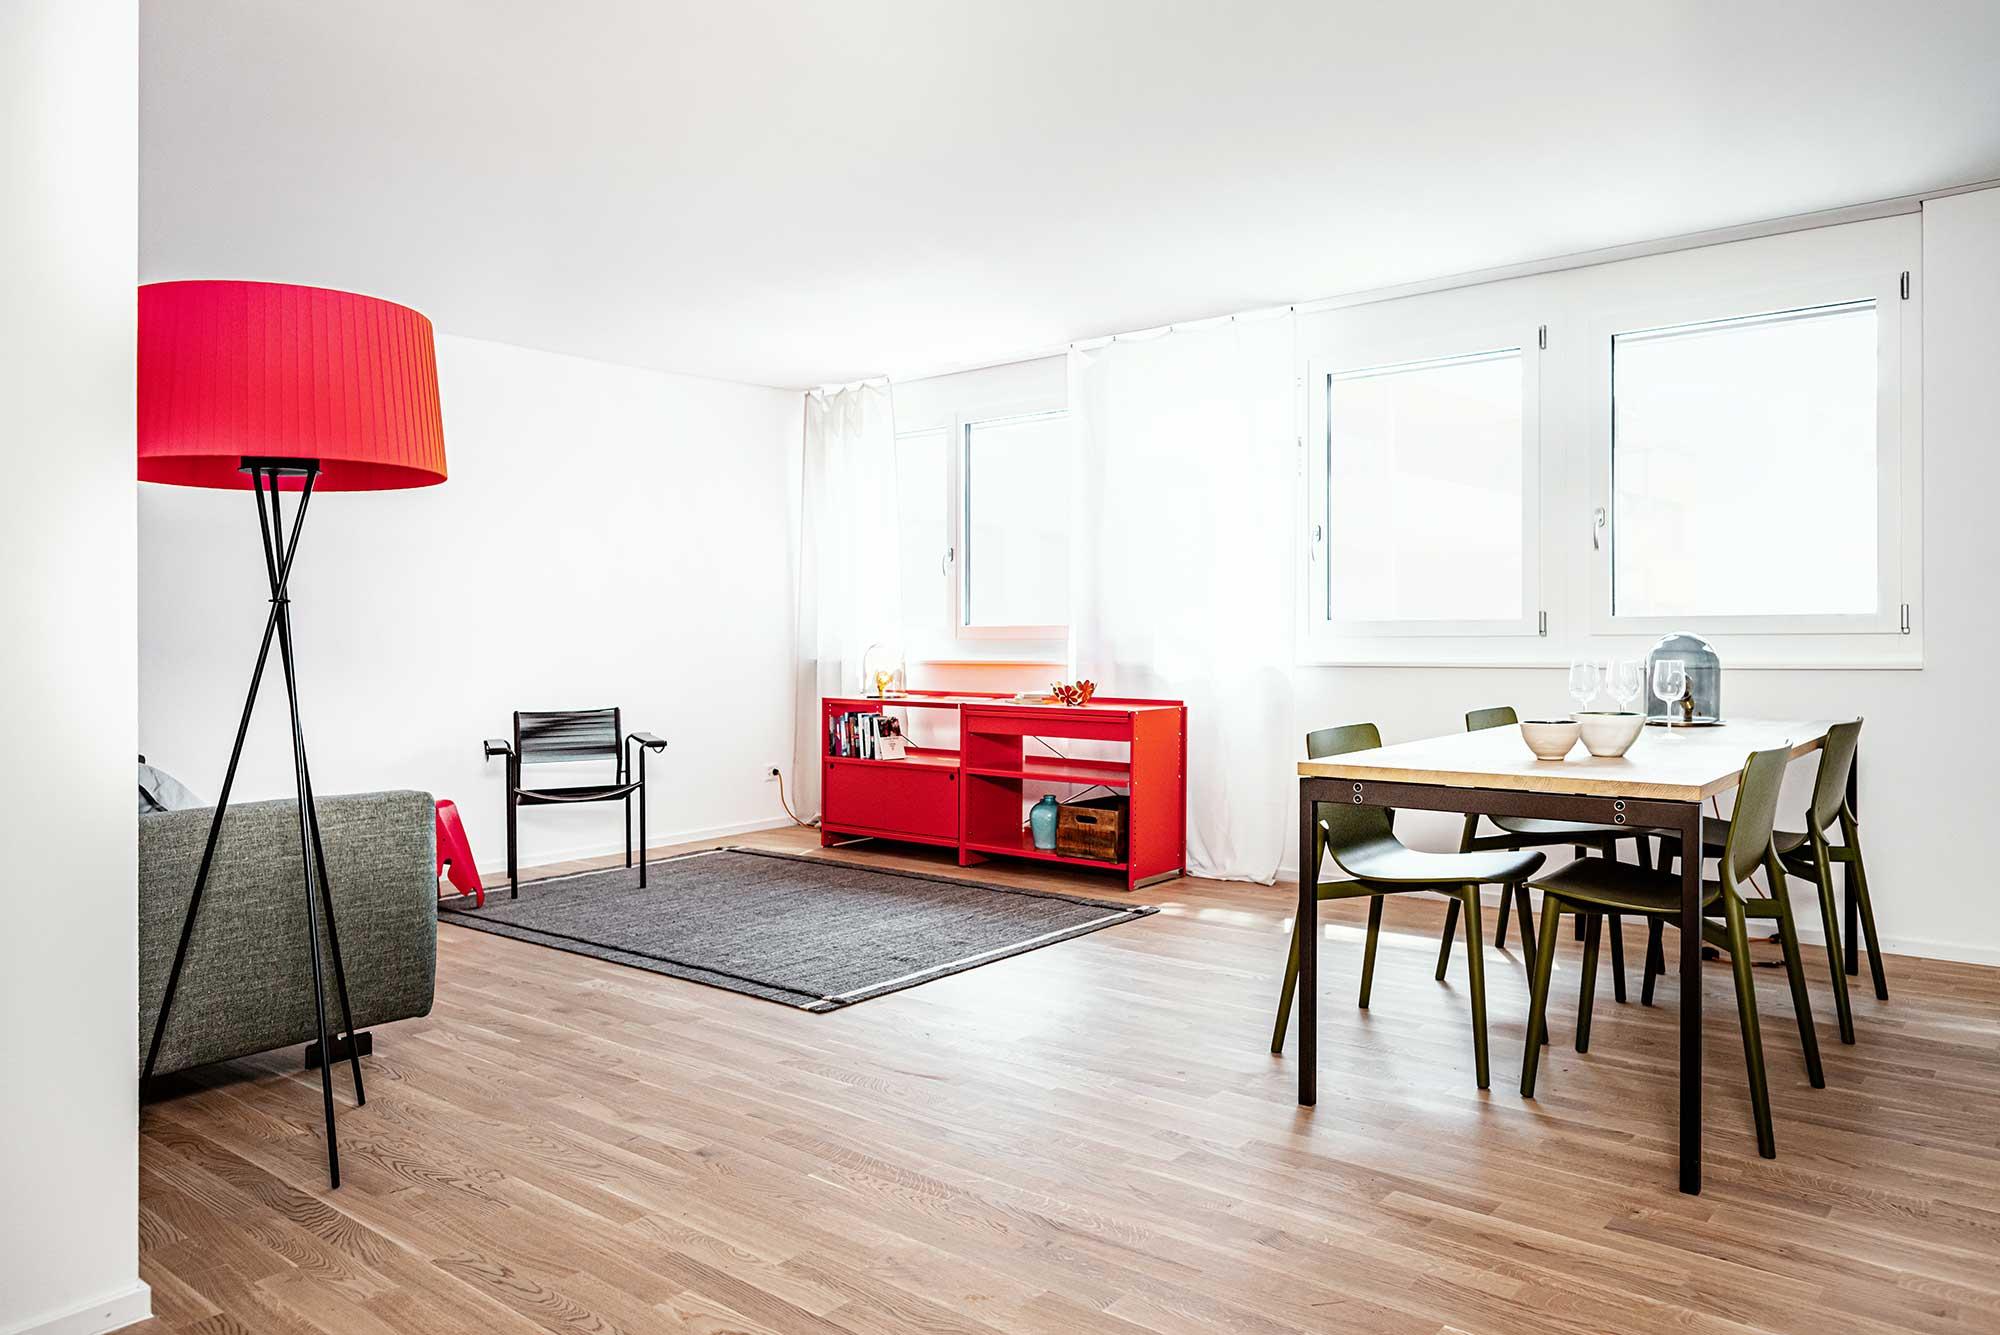 Les derniers appartements seront disponibles en été 2021.